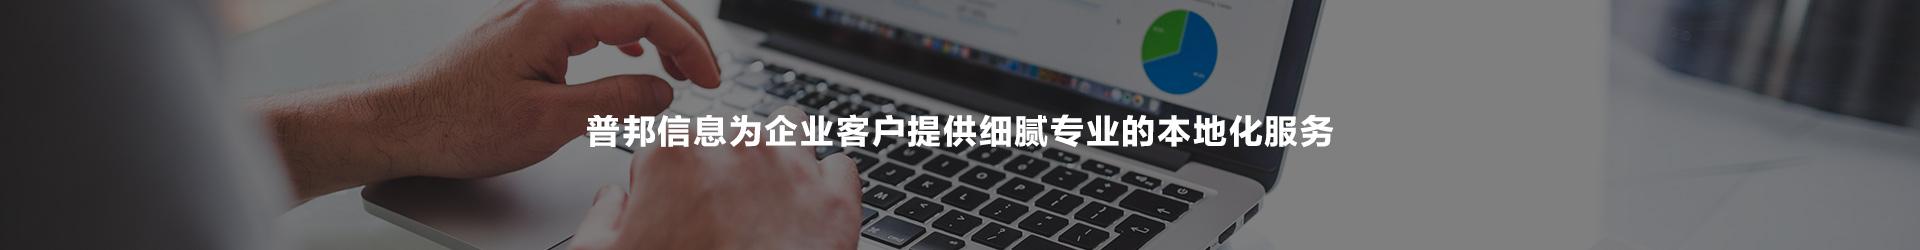 咨询与服务_山东普邦信息技术有限公司官方网站